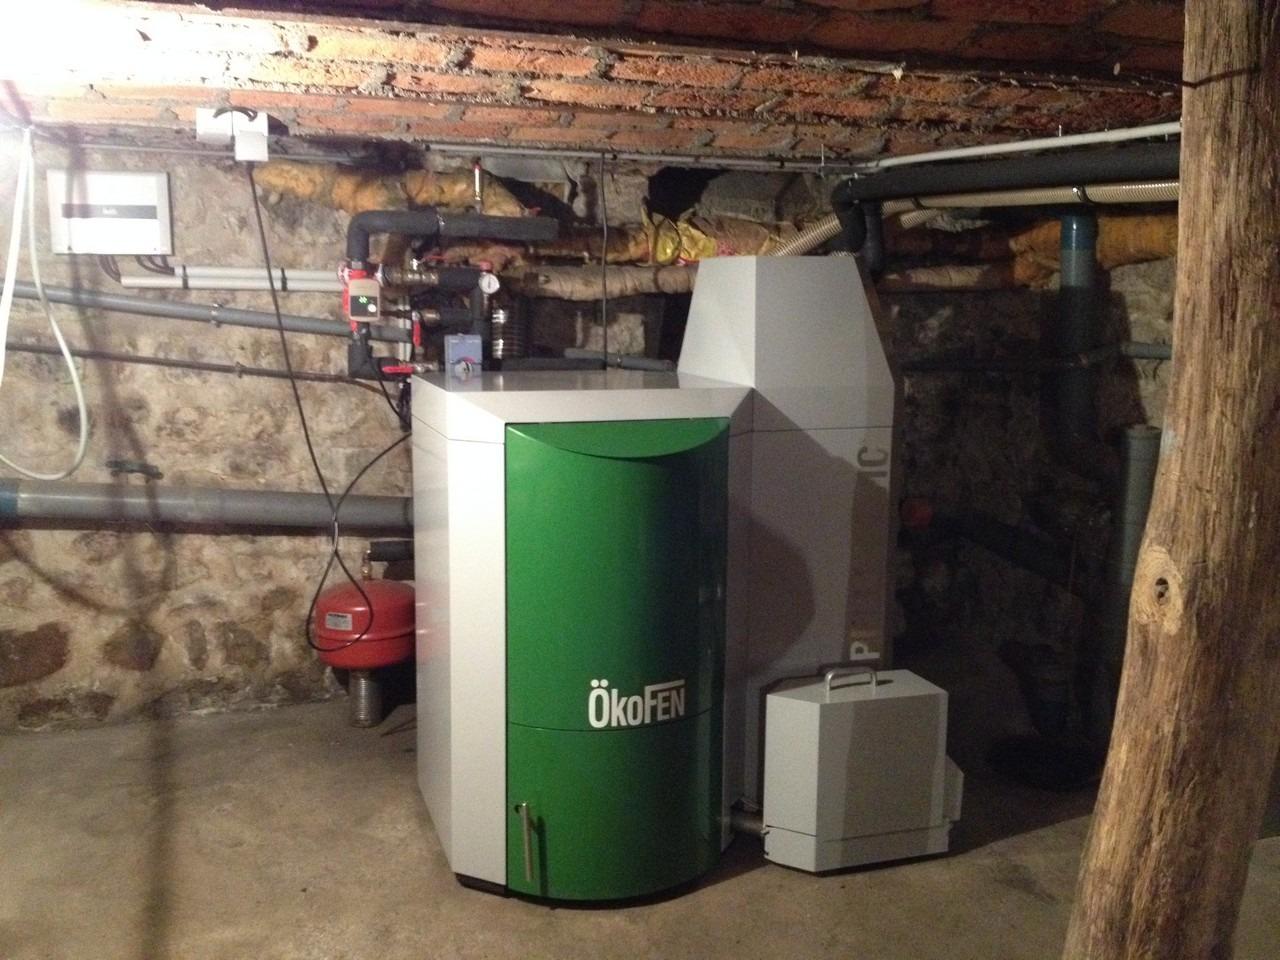 chauffage climatisation en creuse guéret aubusson bonnat - Galerie Chauffage / Plomberie